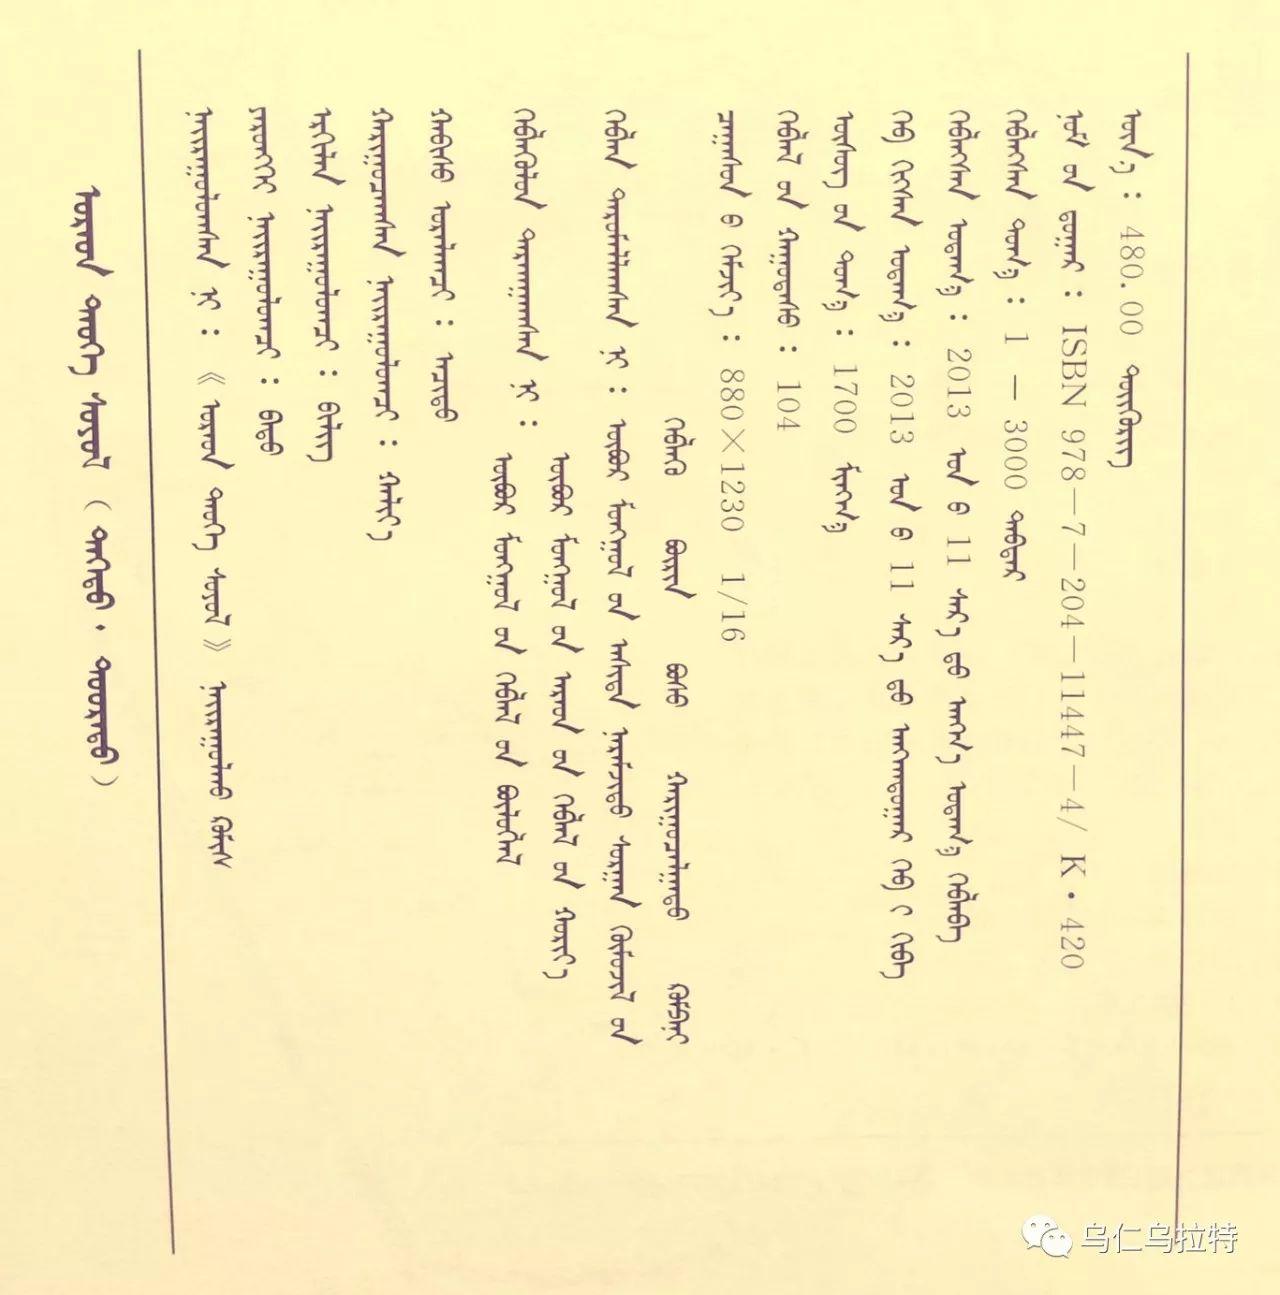 图书介绍《乌拉特历史文化》 第52张